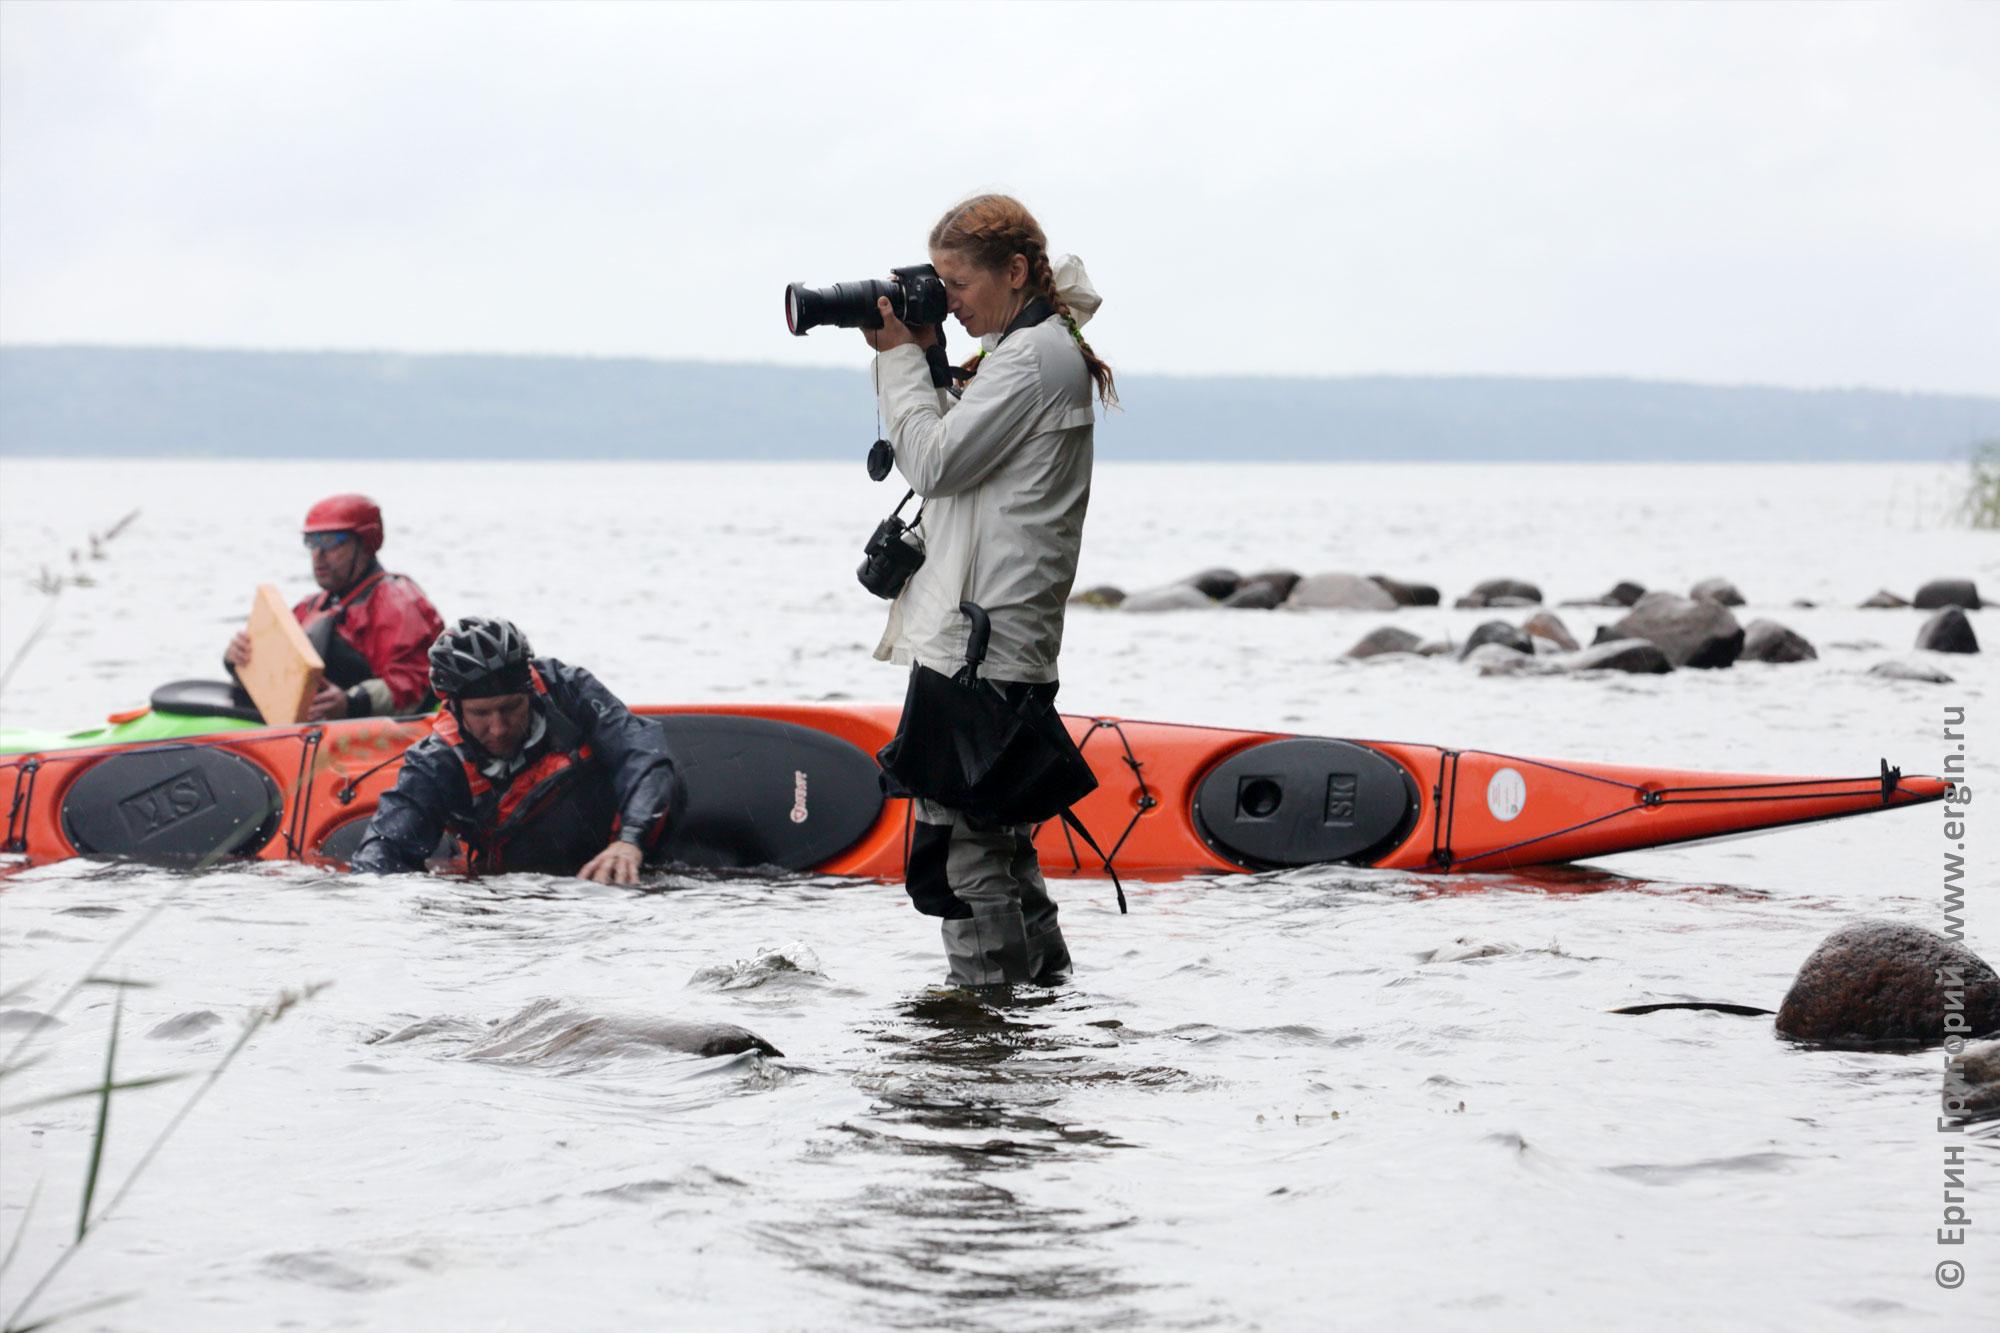 Фотограф снимает фото семинара по эскимосскому перевороту в воде